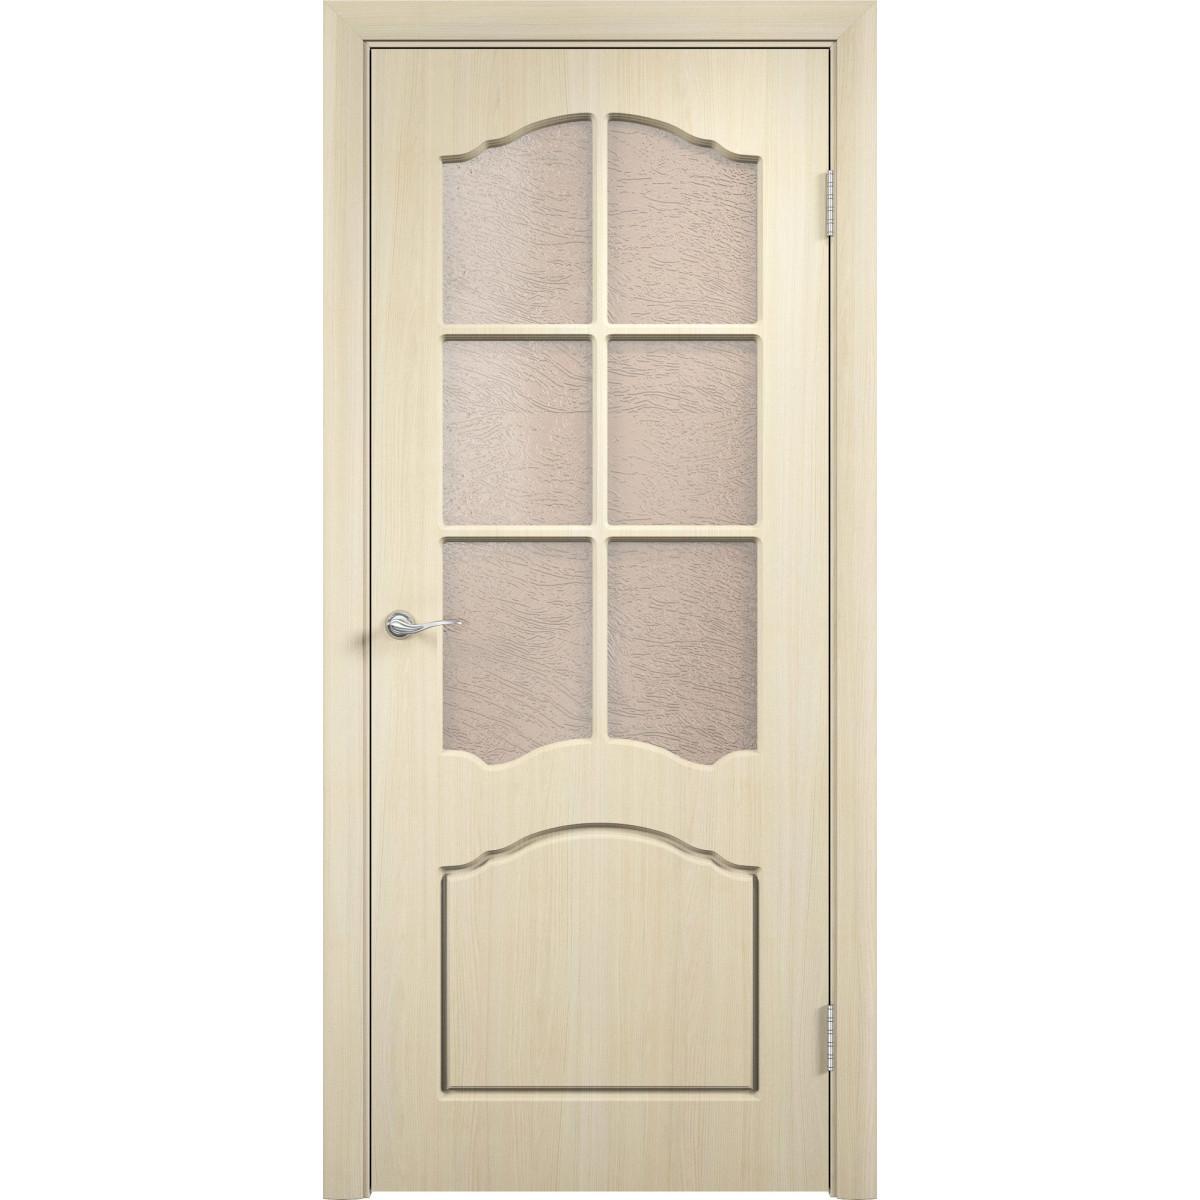 Дверное полотно Verda Лидия МП_0461 2000х600х40 мм МДФ